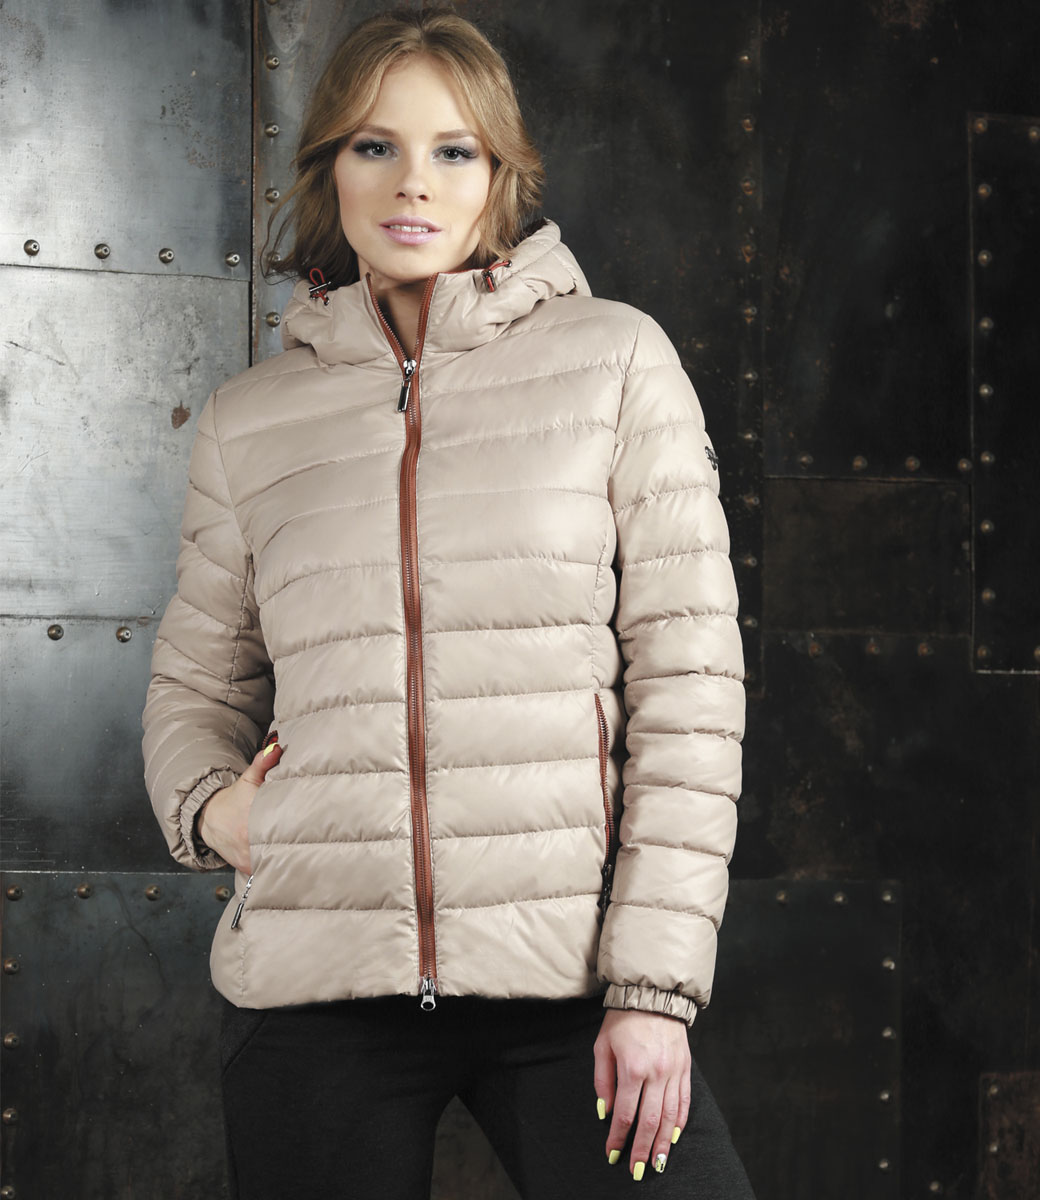 Куртка женская Grishko, цвет: светло-бежевый. AL-2968. Размер 50AL-2968Яркая женская куртка Grishko выполнена из 100% полиамида с наполнителем из полиэстера. Оформлена в трендовой цветовой гамме нового осенне-зимнего сезона. Такая модель отлично подойдет для прохладной погоды.Куртка с капюшоном приталенного кроя застегивается на застежку-молнию. Капюшон дополнен резинкой со стопперами, благодаря чему можно регулировать его в размере. Модель снаружи дополнена двумя втачными карманами на молниях. Манжеты рукавов оформлены на резинках.Очень комфортная и стильная куртка будет прекрасным выбором для повседневной носки и подчеркнет вашу индивидуальность.